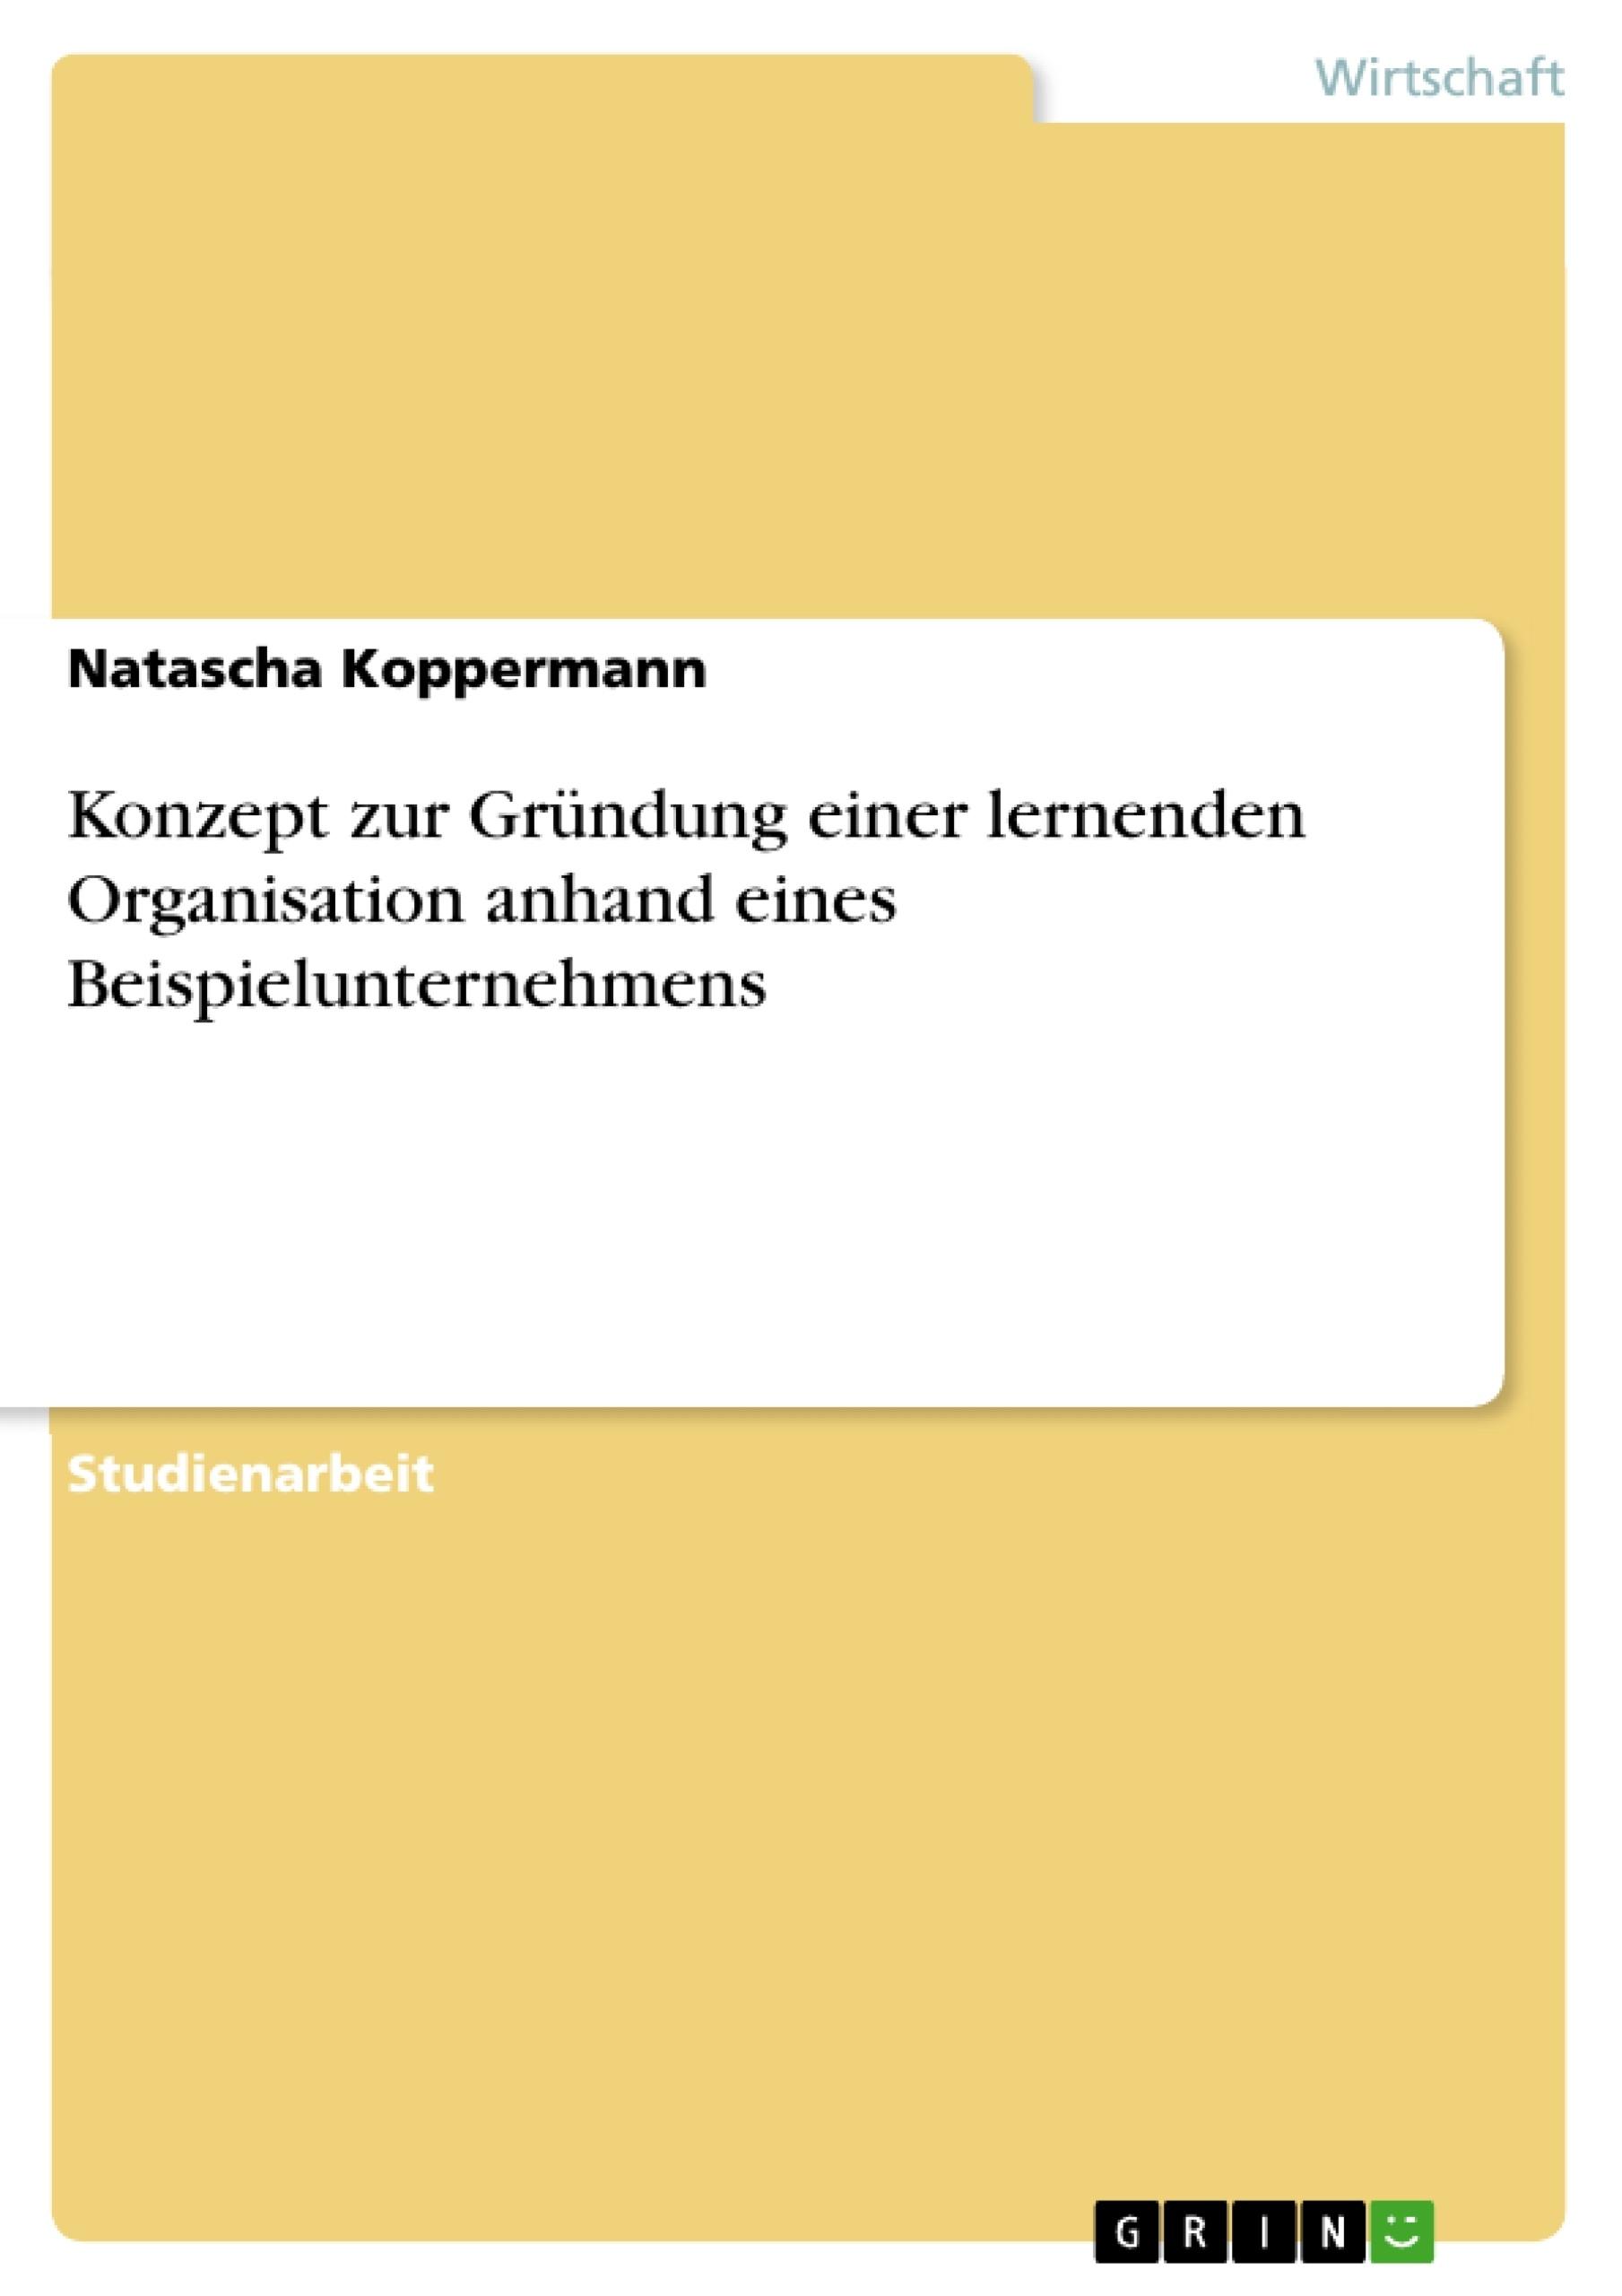 Titel: Konzept zur Gründung einer lernenden Organisation anhand eines Beispielunternehmens